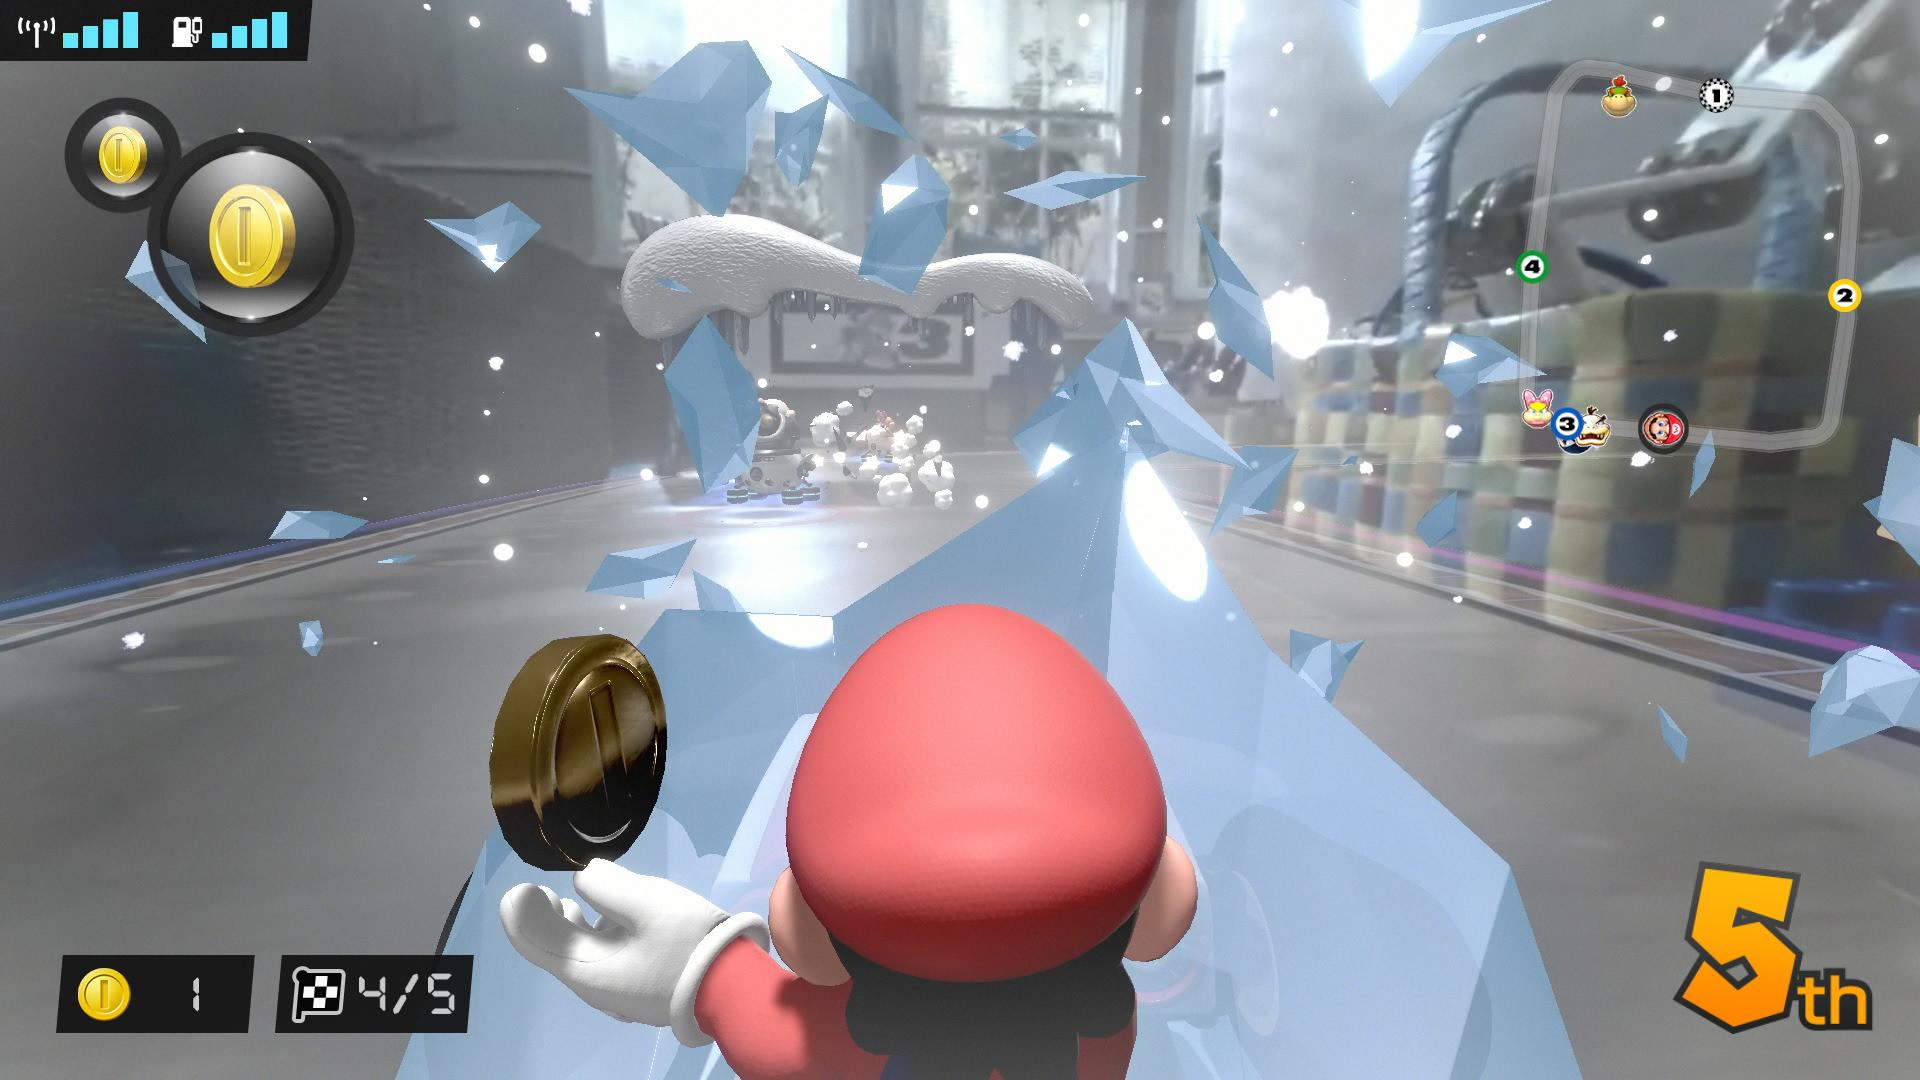 Mario Kart Live Home Circuit Screenshot